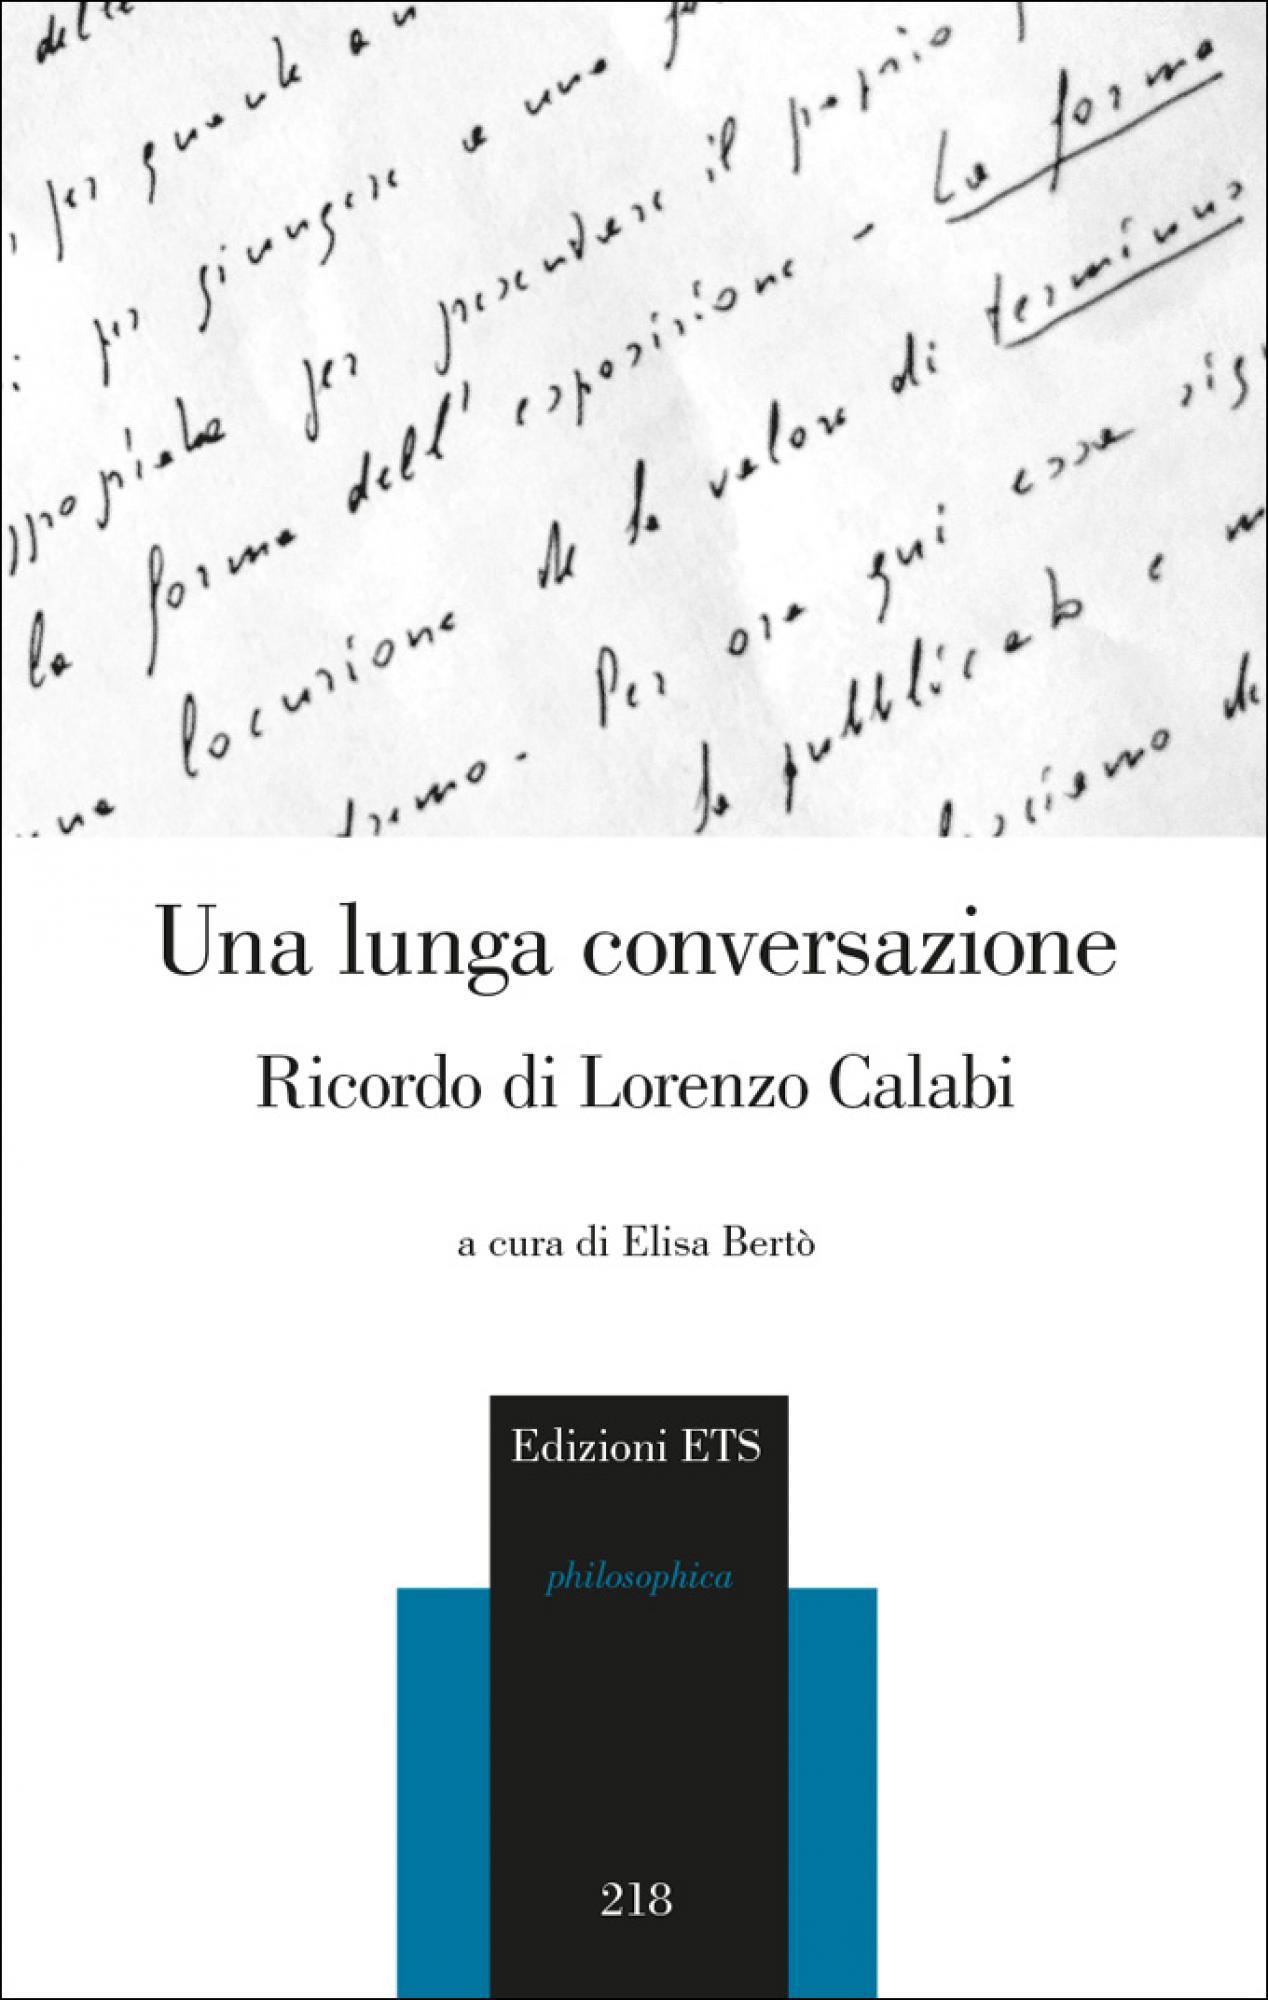 Una lunga conversazione.Ricordo di Lorenzo Calabi